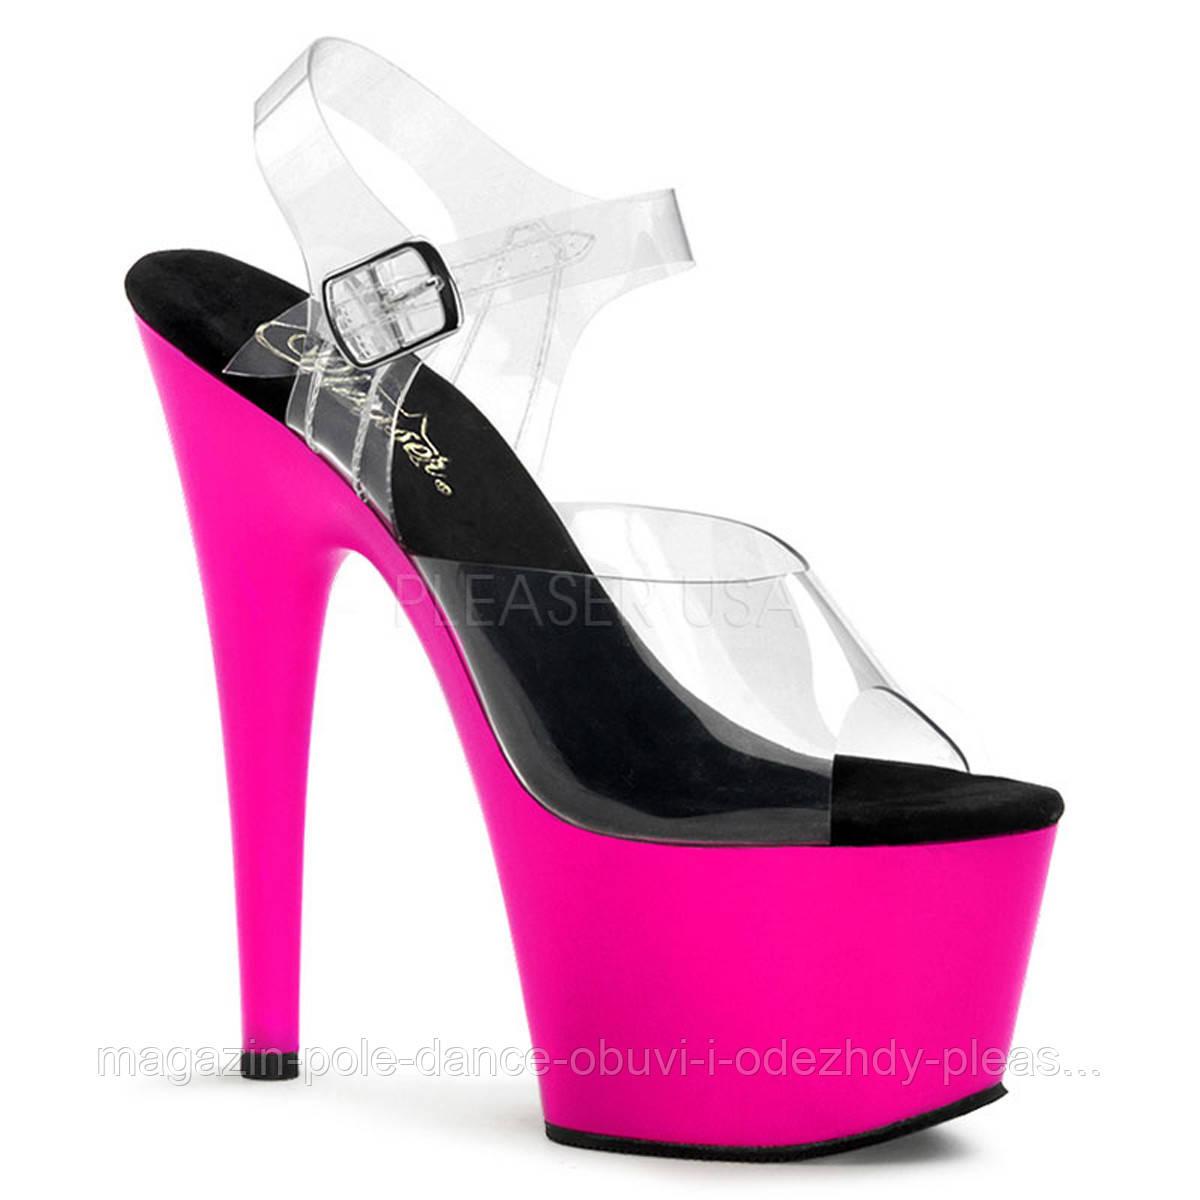 Эротическая обувь фото 15 фотография